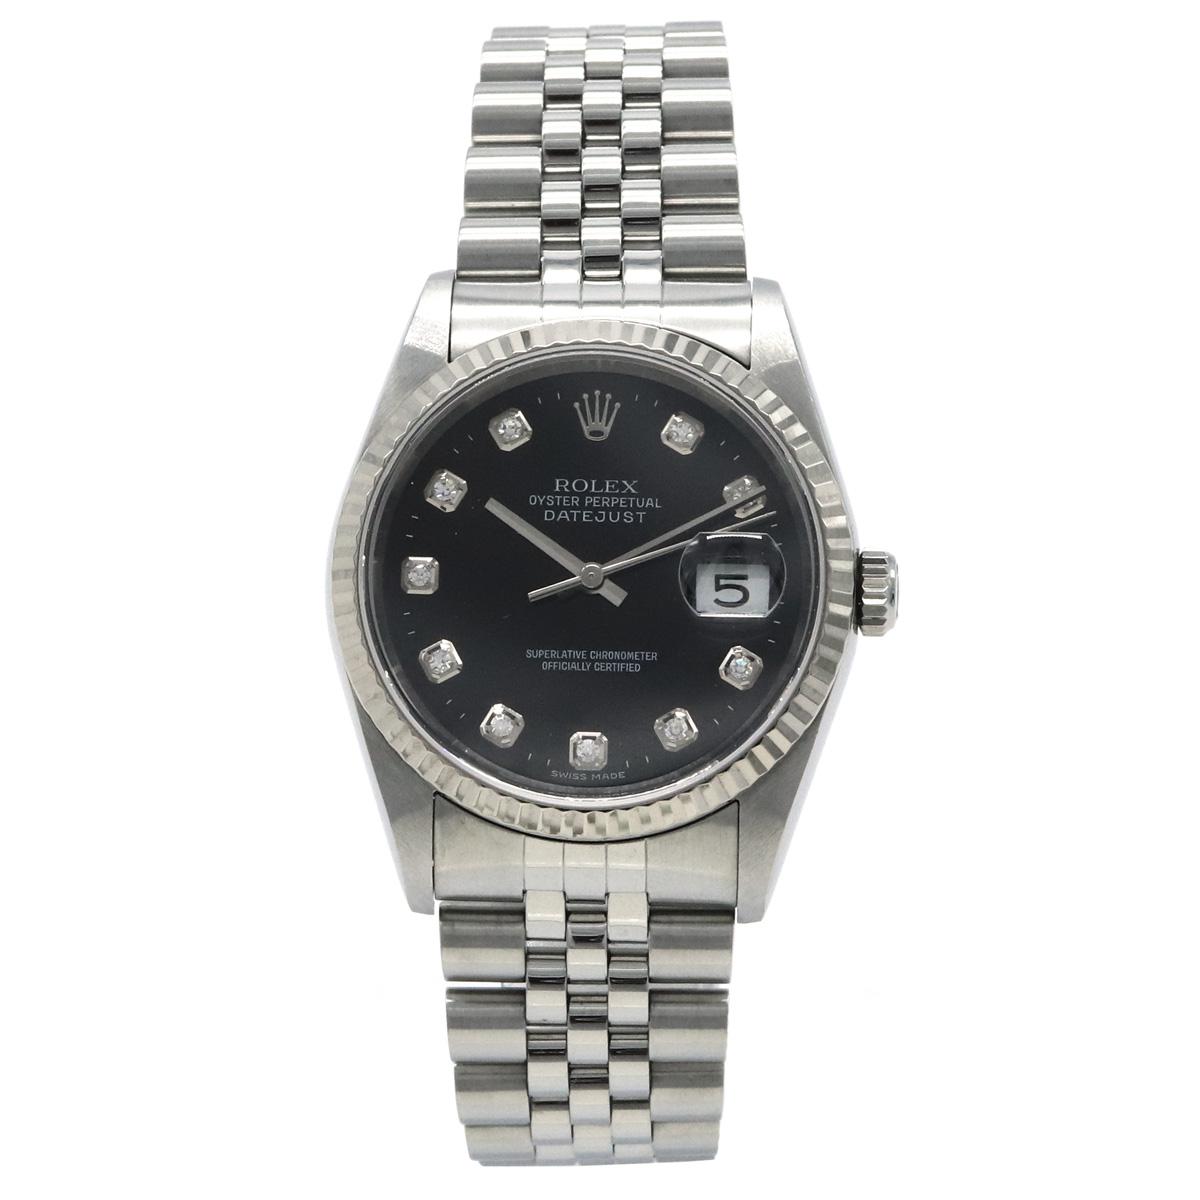 【ウォッチ】】ROLEX ロレックス デイトジャスト 10Pダイヤ ブラック文字盤 K18WGベゼル SS 新ダイヤ F番 メンズ AT オートマ 腕時計 16234G 【中古】